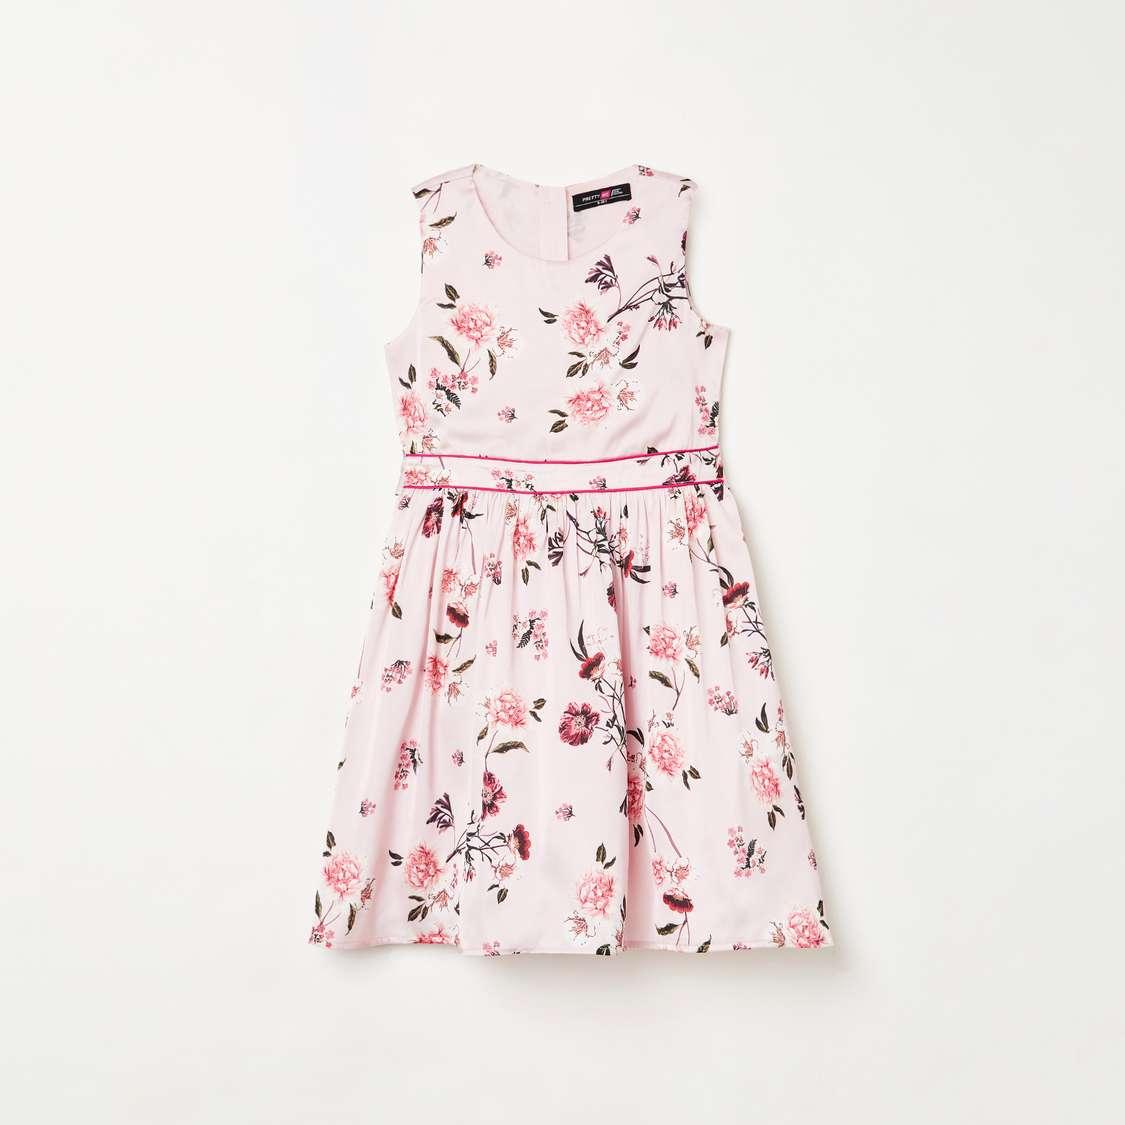 4.PRETTY ME Girls Floral Print Dress